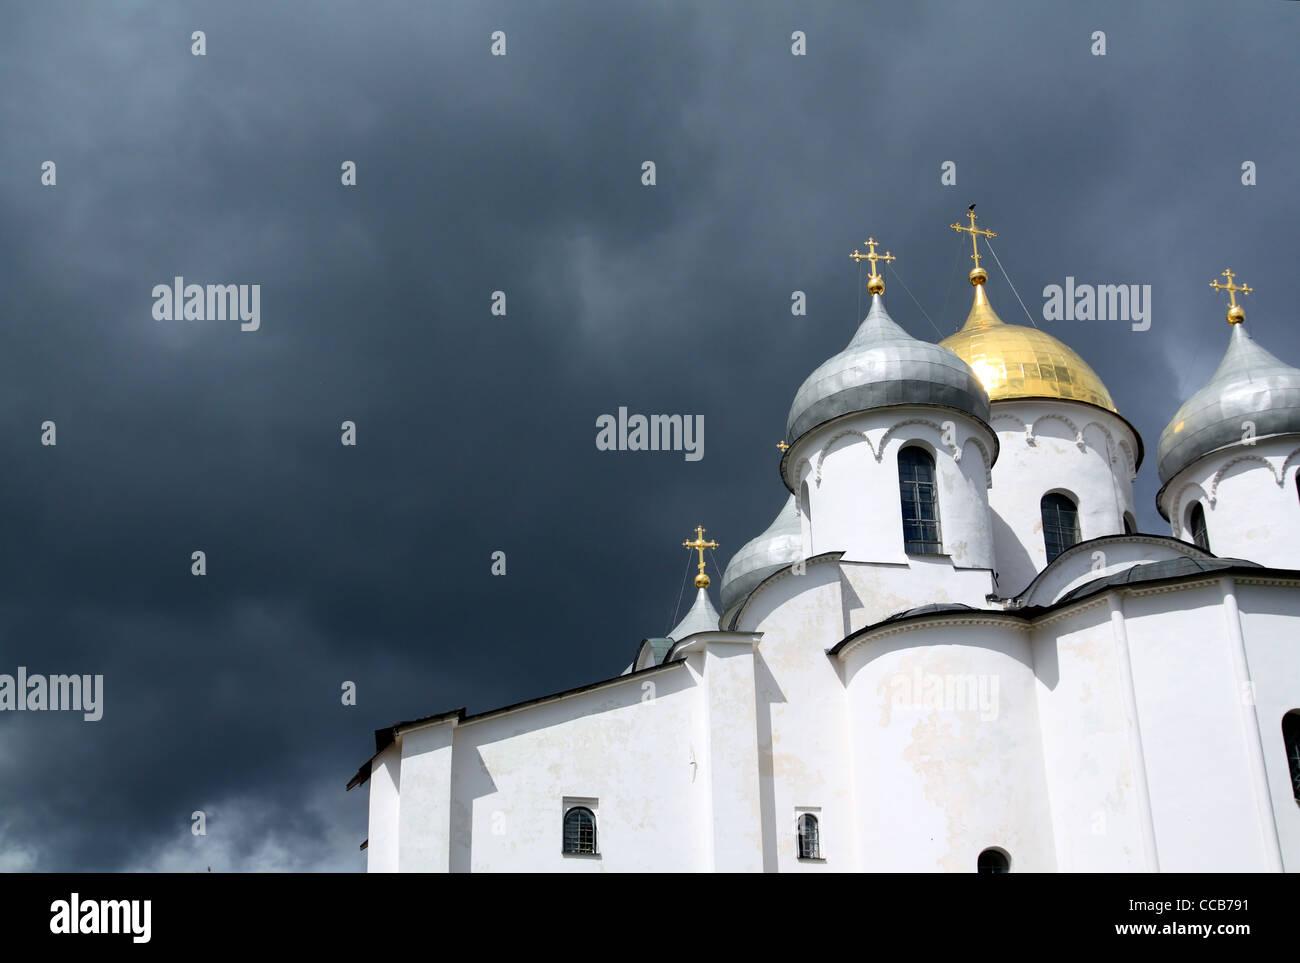 L'Église chrétienne orthodoxe sur fond nuageux Photo Stock